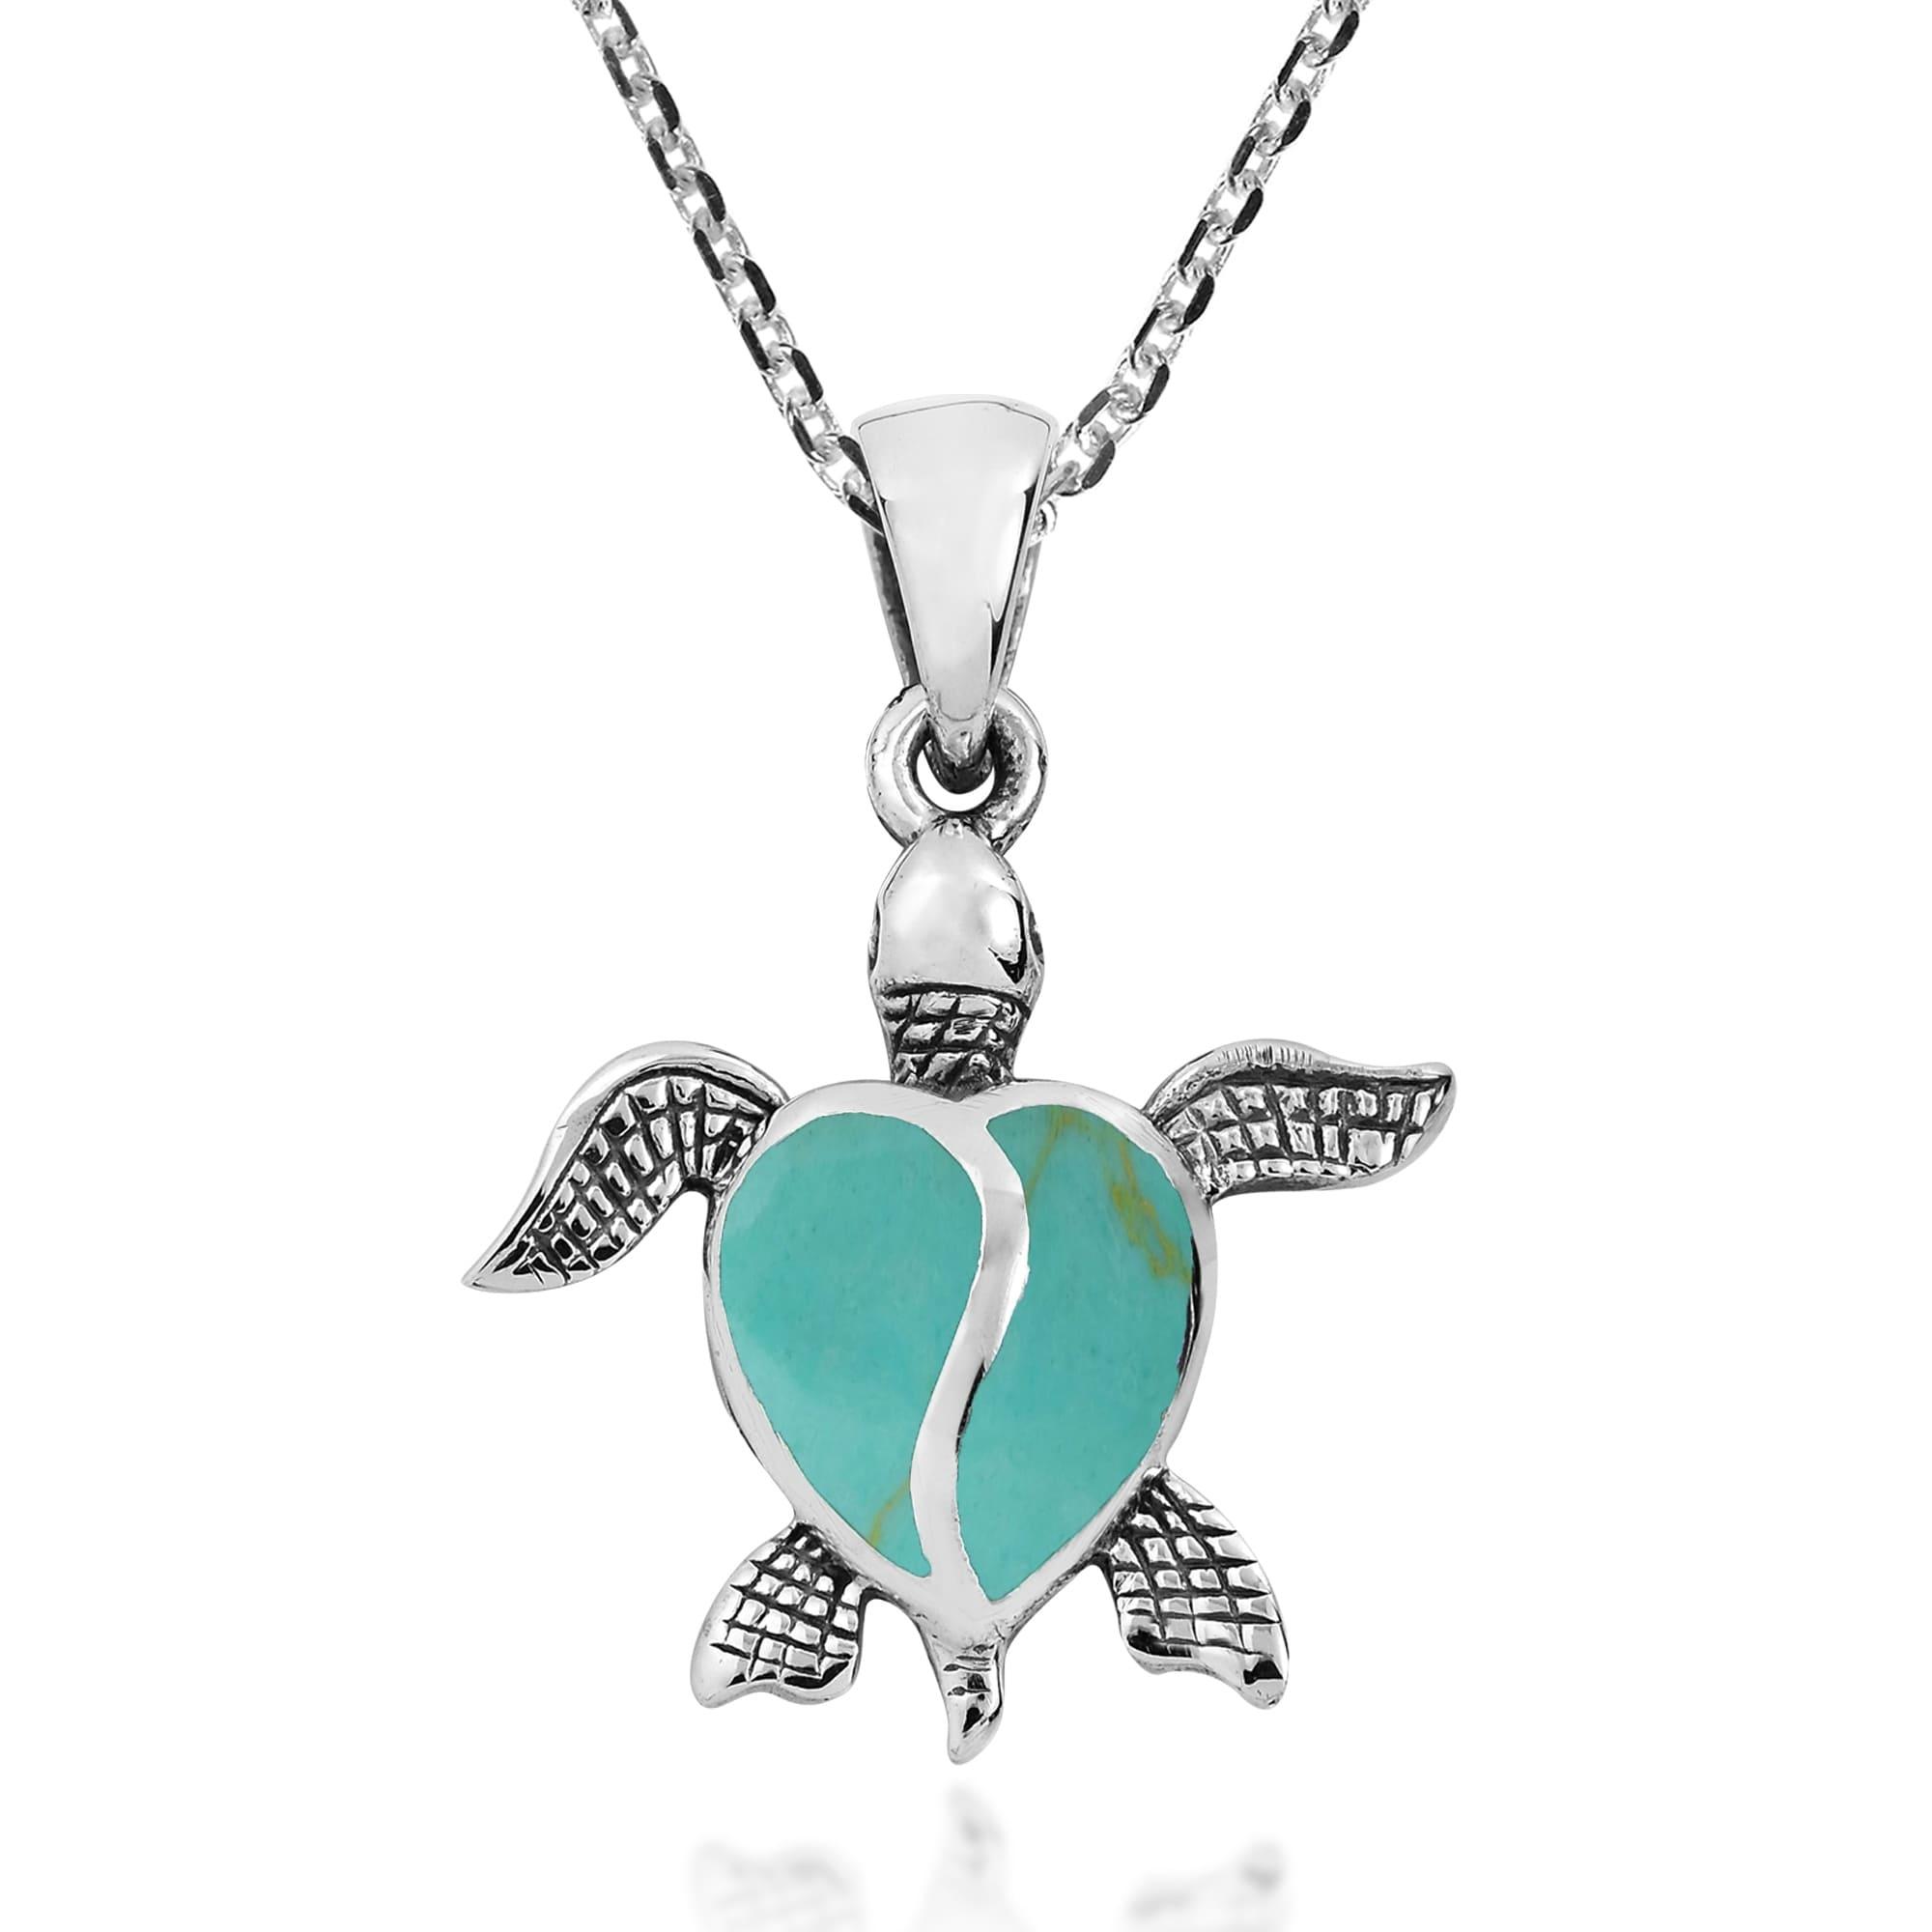 925-Sterling Silver Chain 18/'/' Gift for Her Ocean Jasper Pendant Sterling Necklace SilverChain-1 chain option Ocean Jasper Pendant